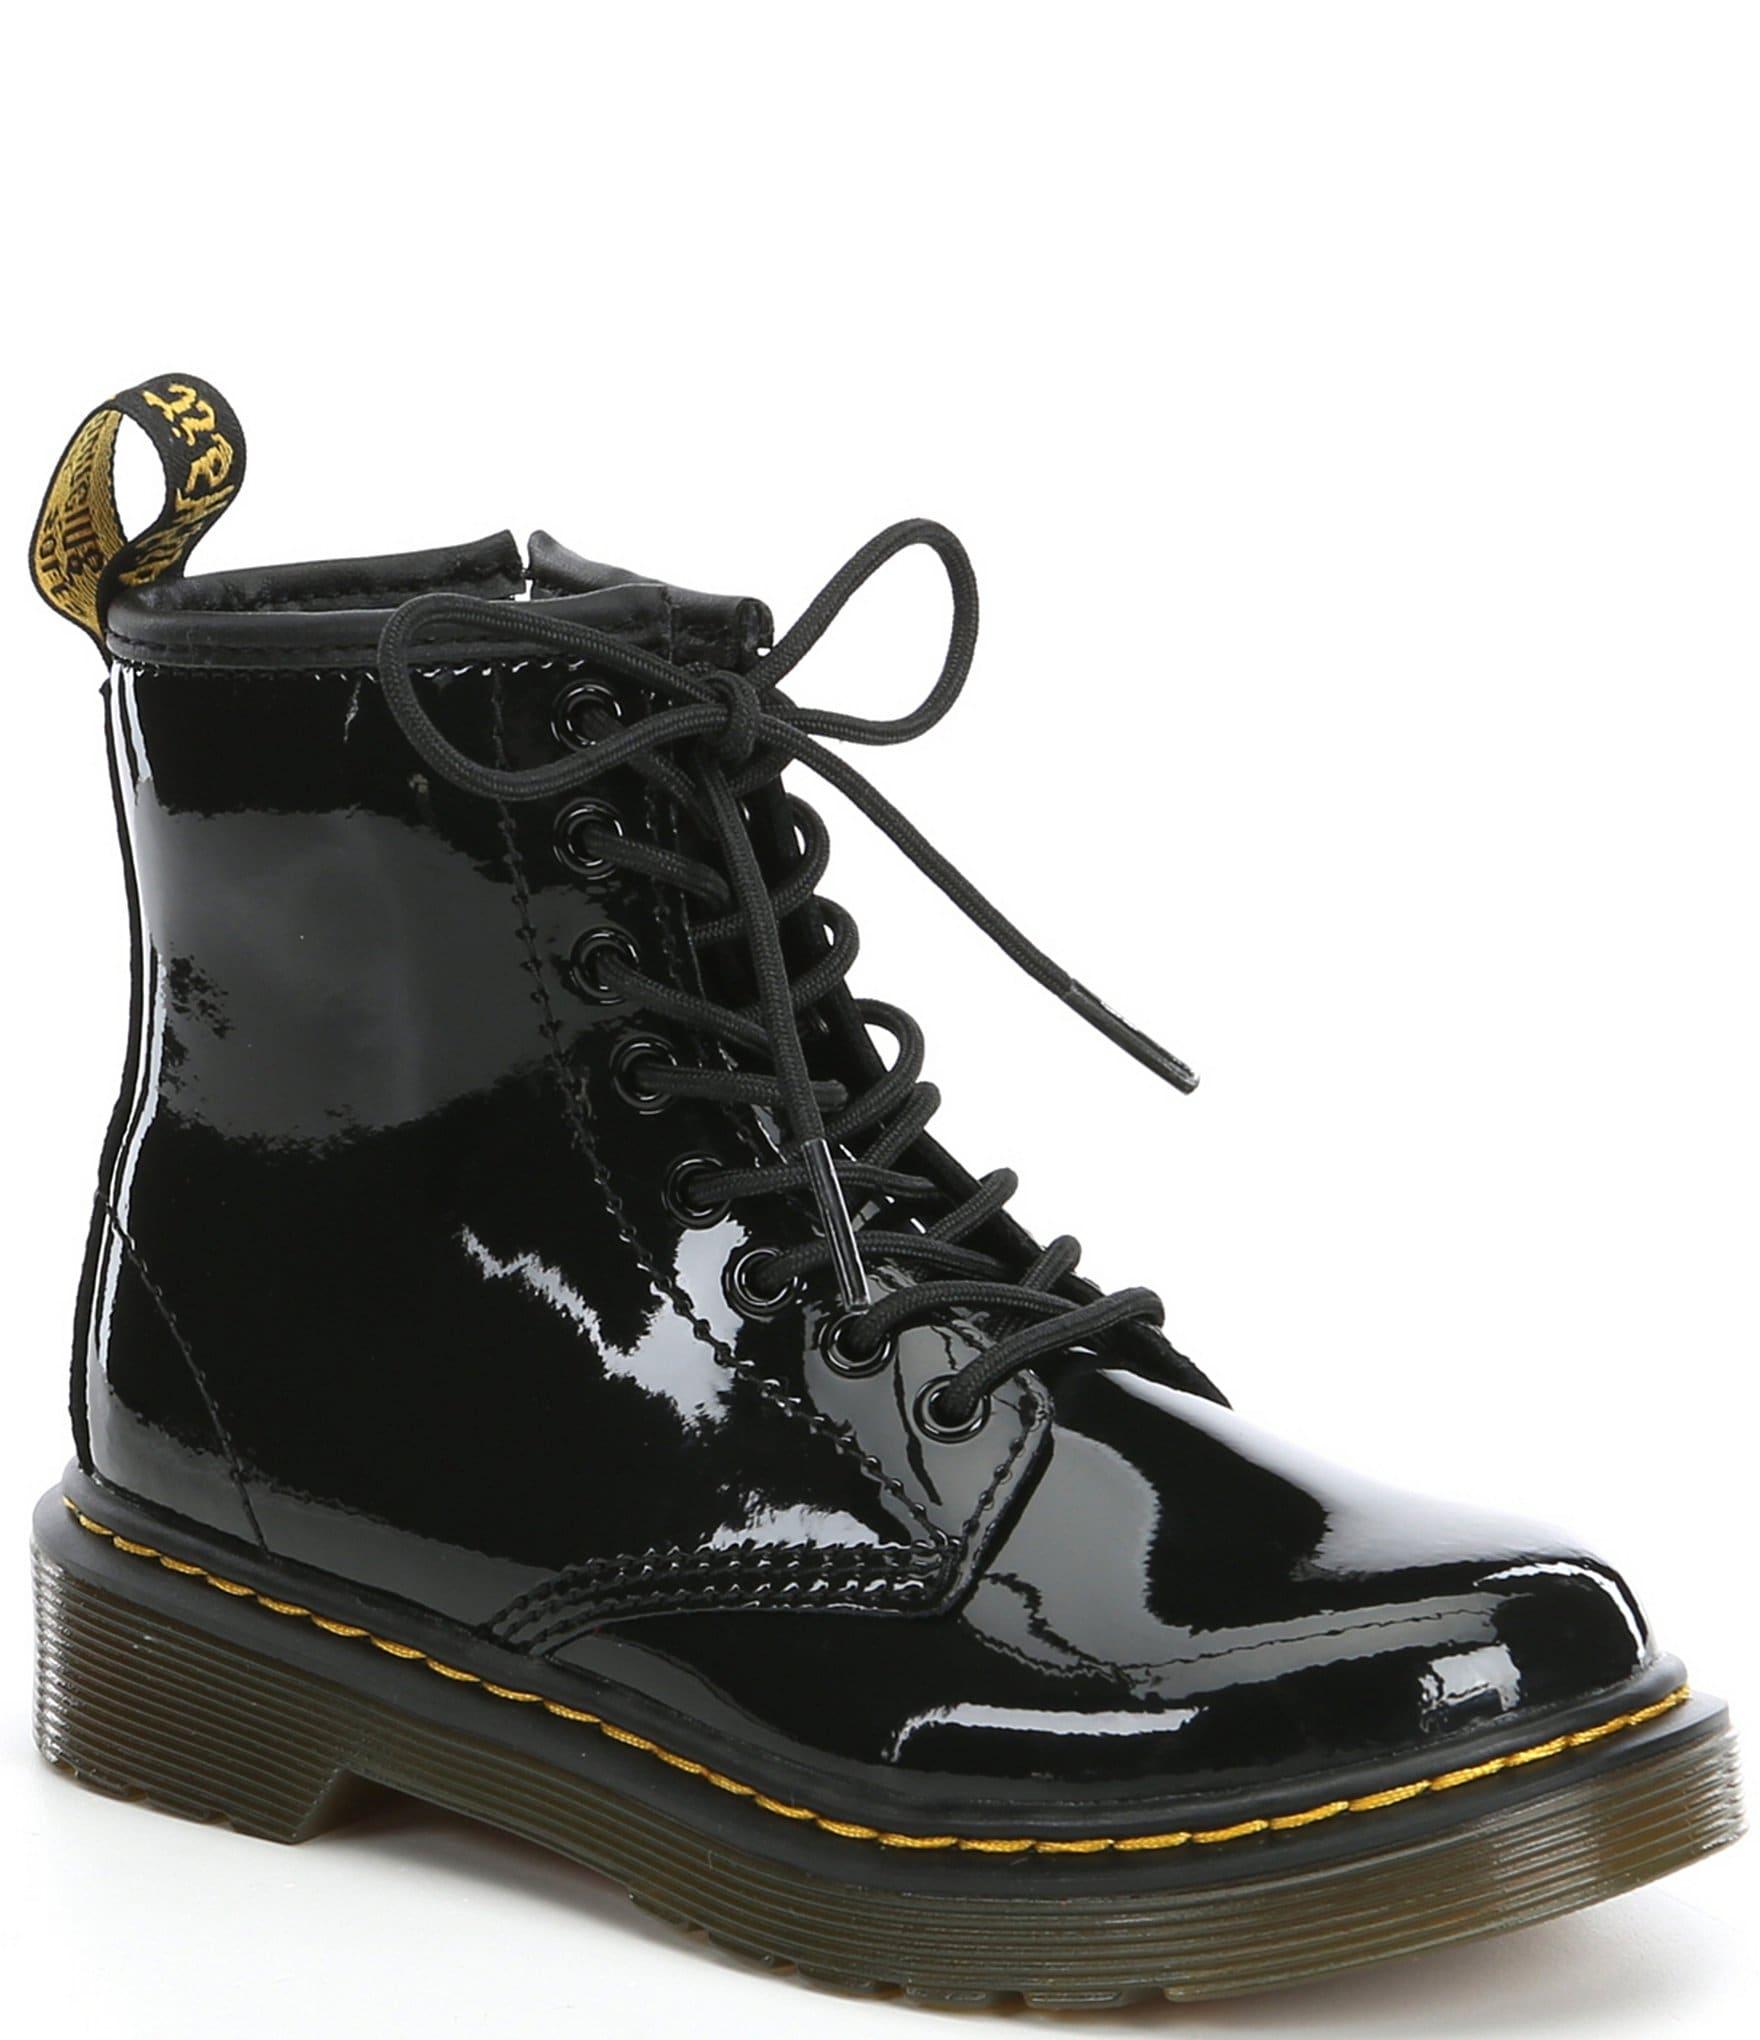 6858d940a8e Dr. Martens Girls' 1460 Boot